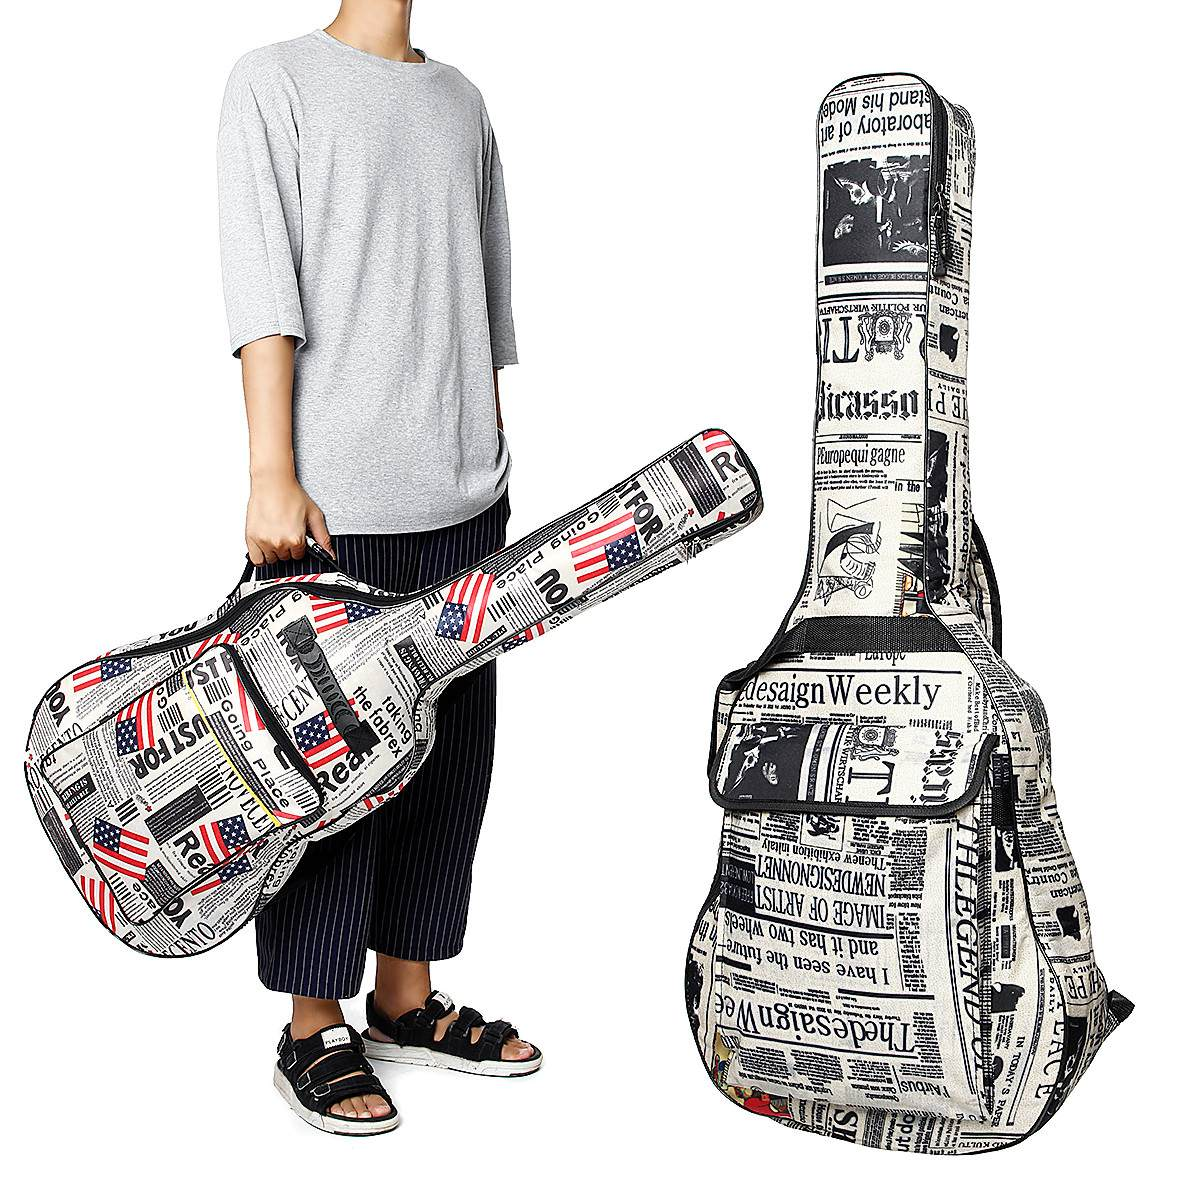 Bolsa de guitarra, mochila esponja macia organizador bolsa de instrumentos musicais à prova dágua com alça de ombro, 41 Polegada